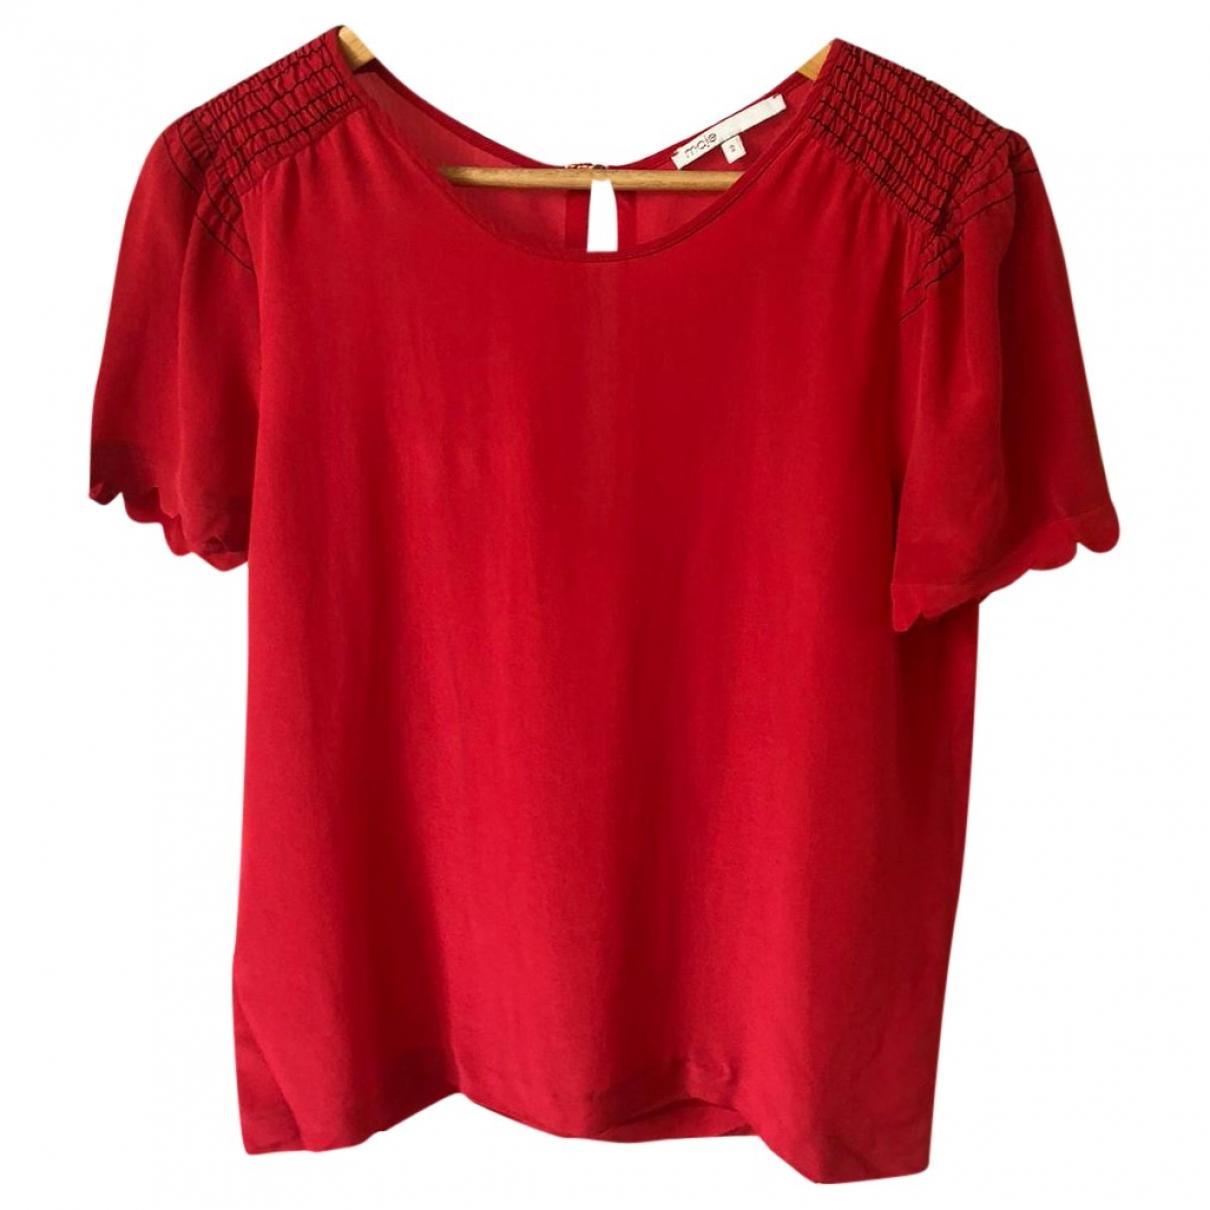 Maje - Top Spring Summer 2020 pour femme en soie - rouge